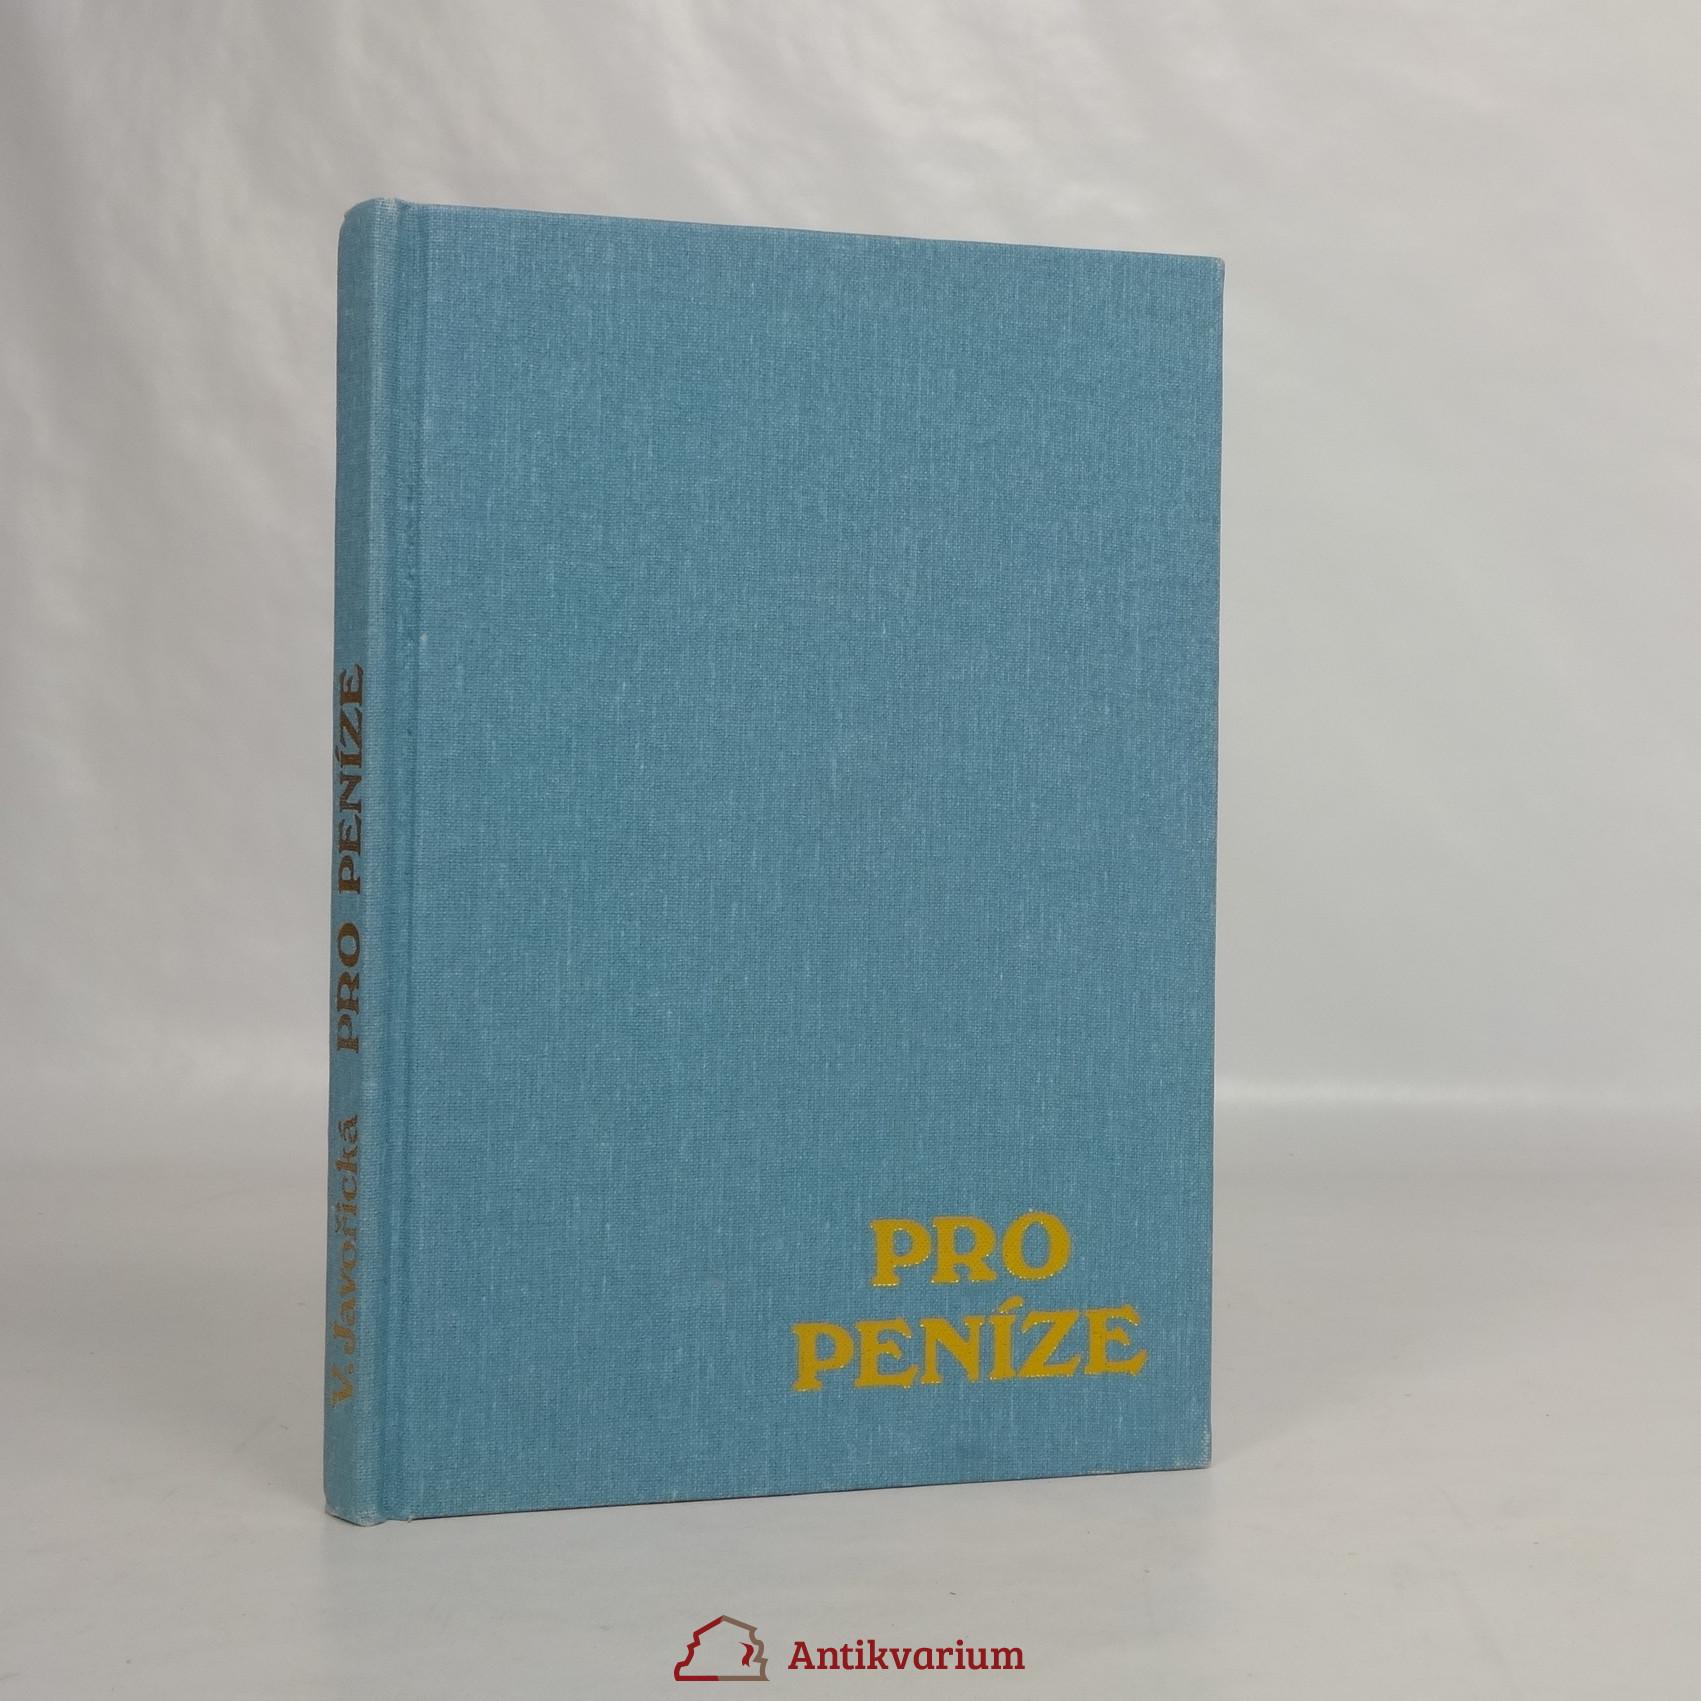 antikvární kniha Pro peníze, 1992